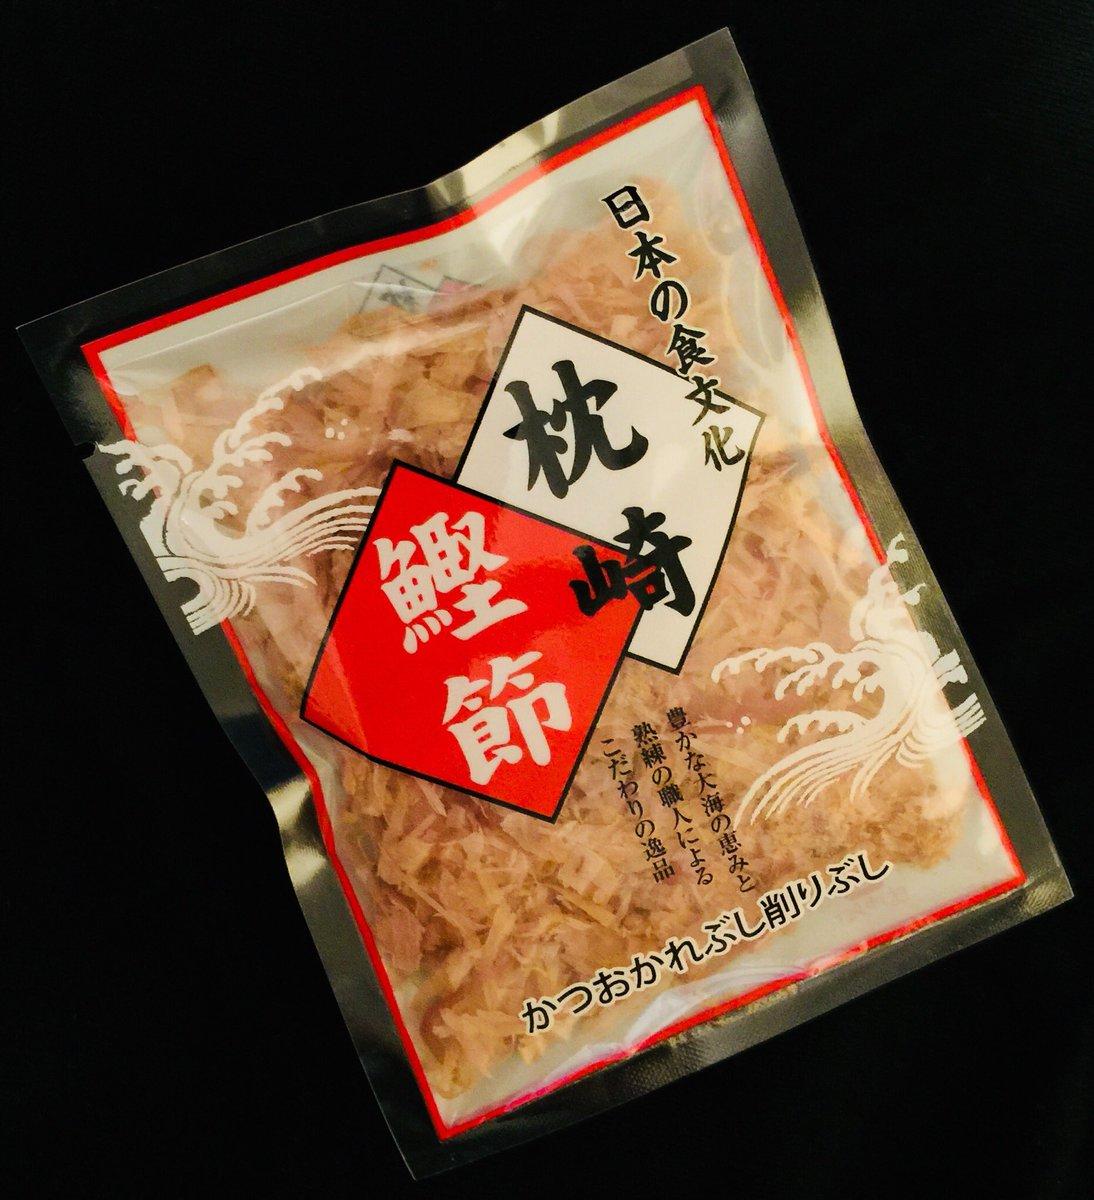 test ツイッターメディア - 2018.10.7(日)漁港@新宿LOFT 噂には聞いていたけど初見の漁港🐟ホント楽しかった〜❣️ 最初にイキナリ後ろから「どけどけーっ!」って怒鳴られながら手渡されたのはナント鰹節✨大切にいただきま〜す😊 #カッパンク #KAPPUNK https://t.co/RzDOKVxWE8